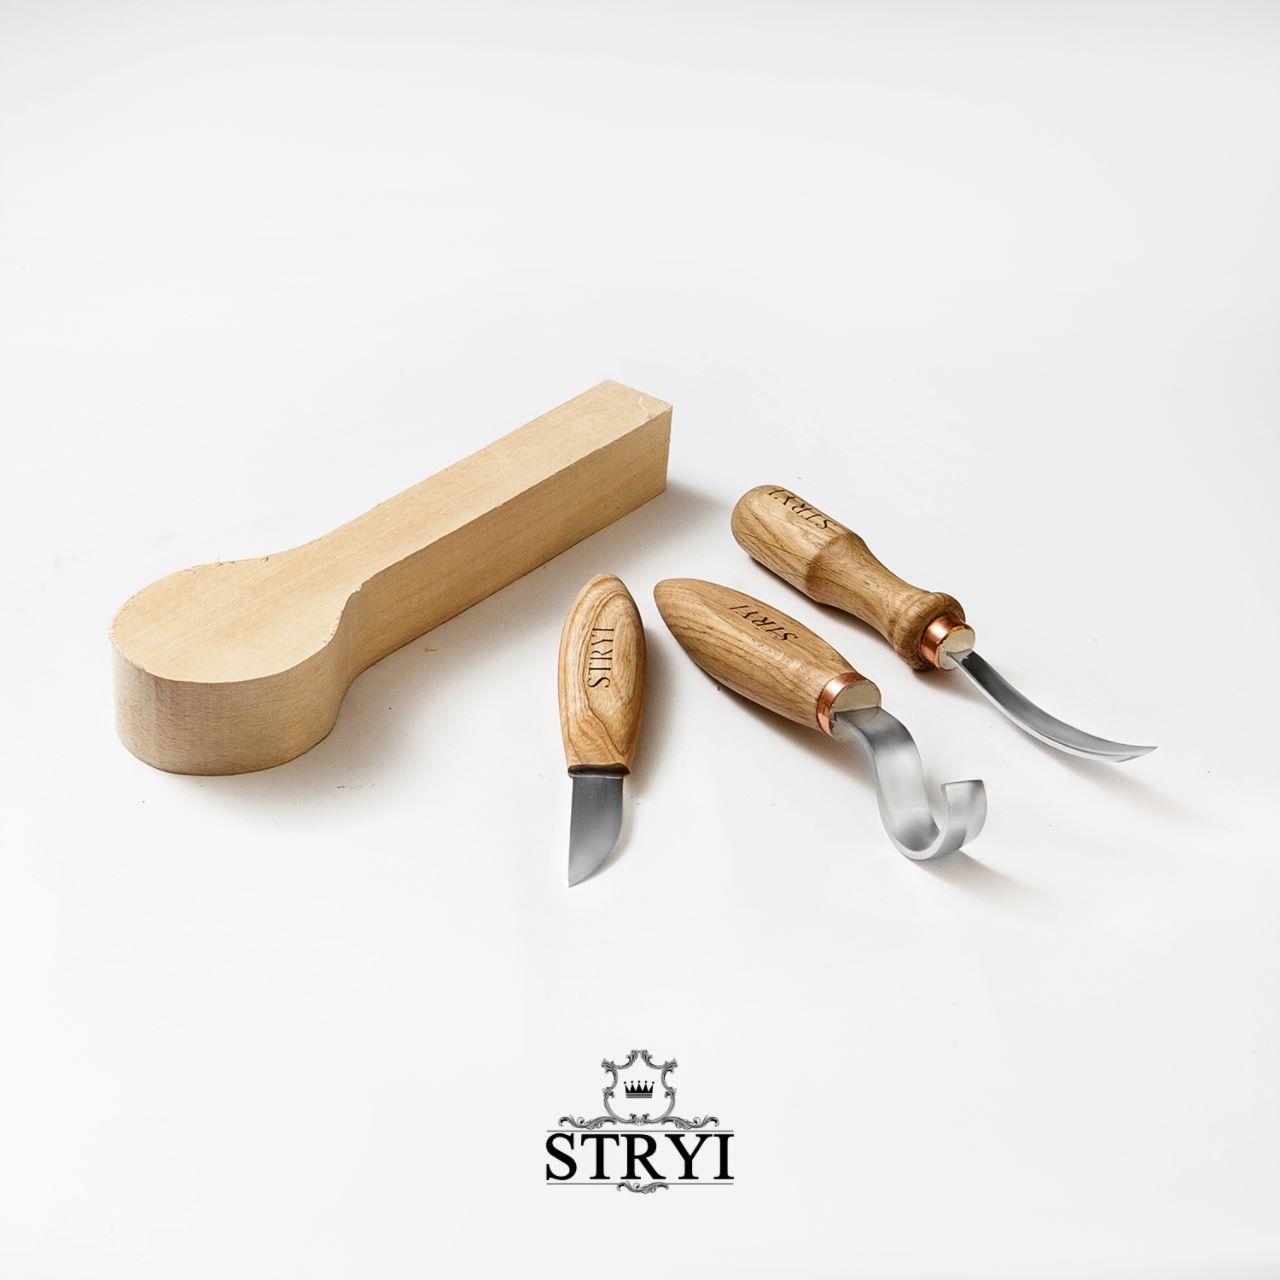 Набор стамесок STRYI для вырезания ложек, тарелок и других изделий от производителя